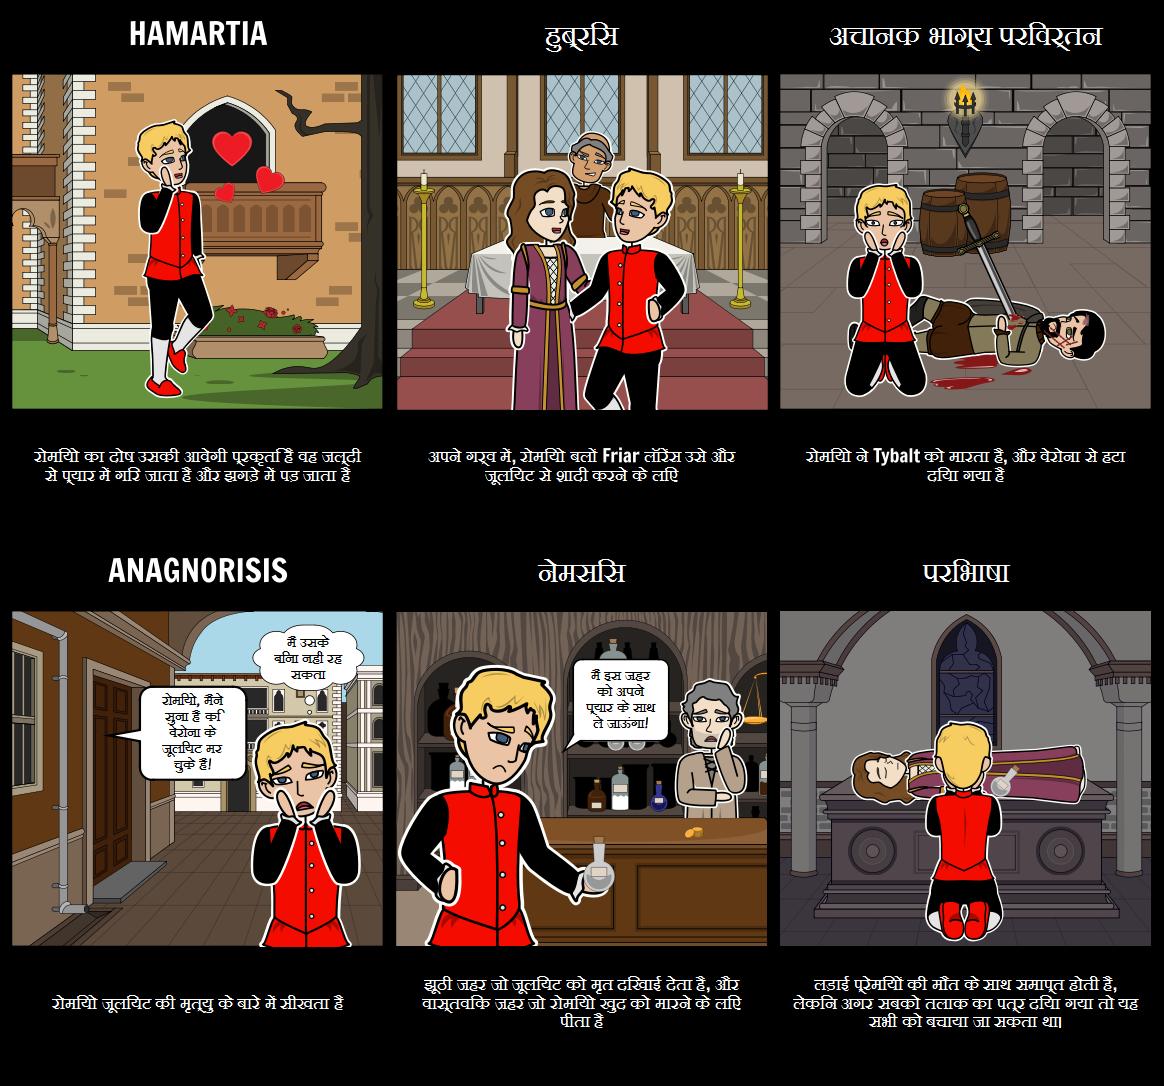 रोमियो और जूलियट त्रासद नायक